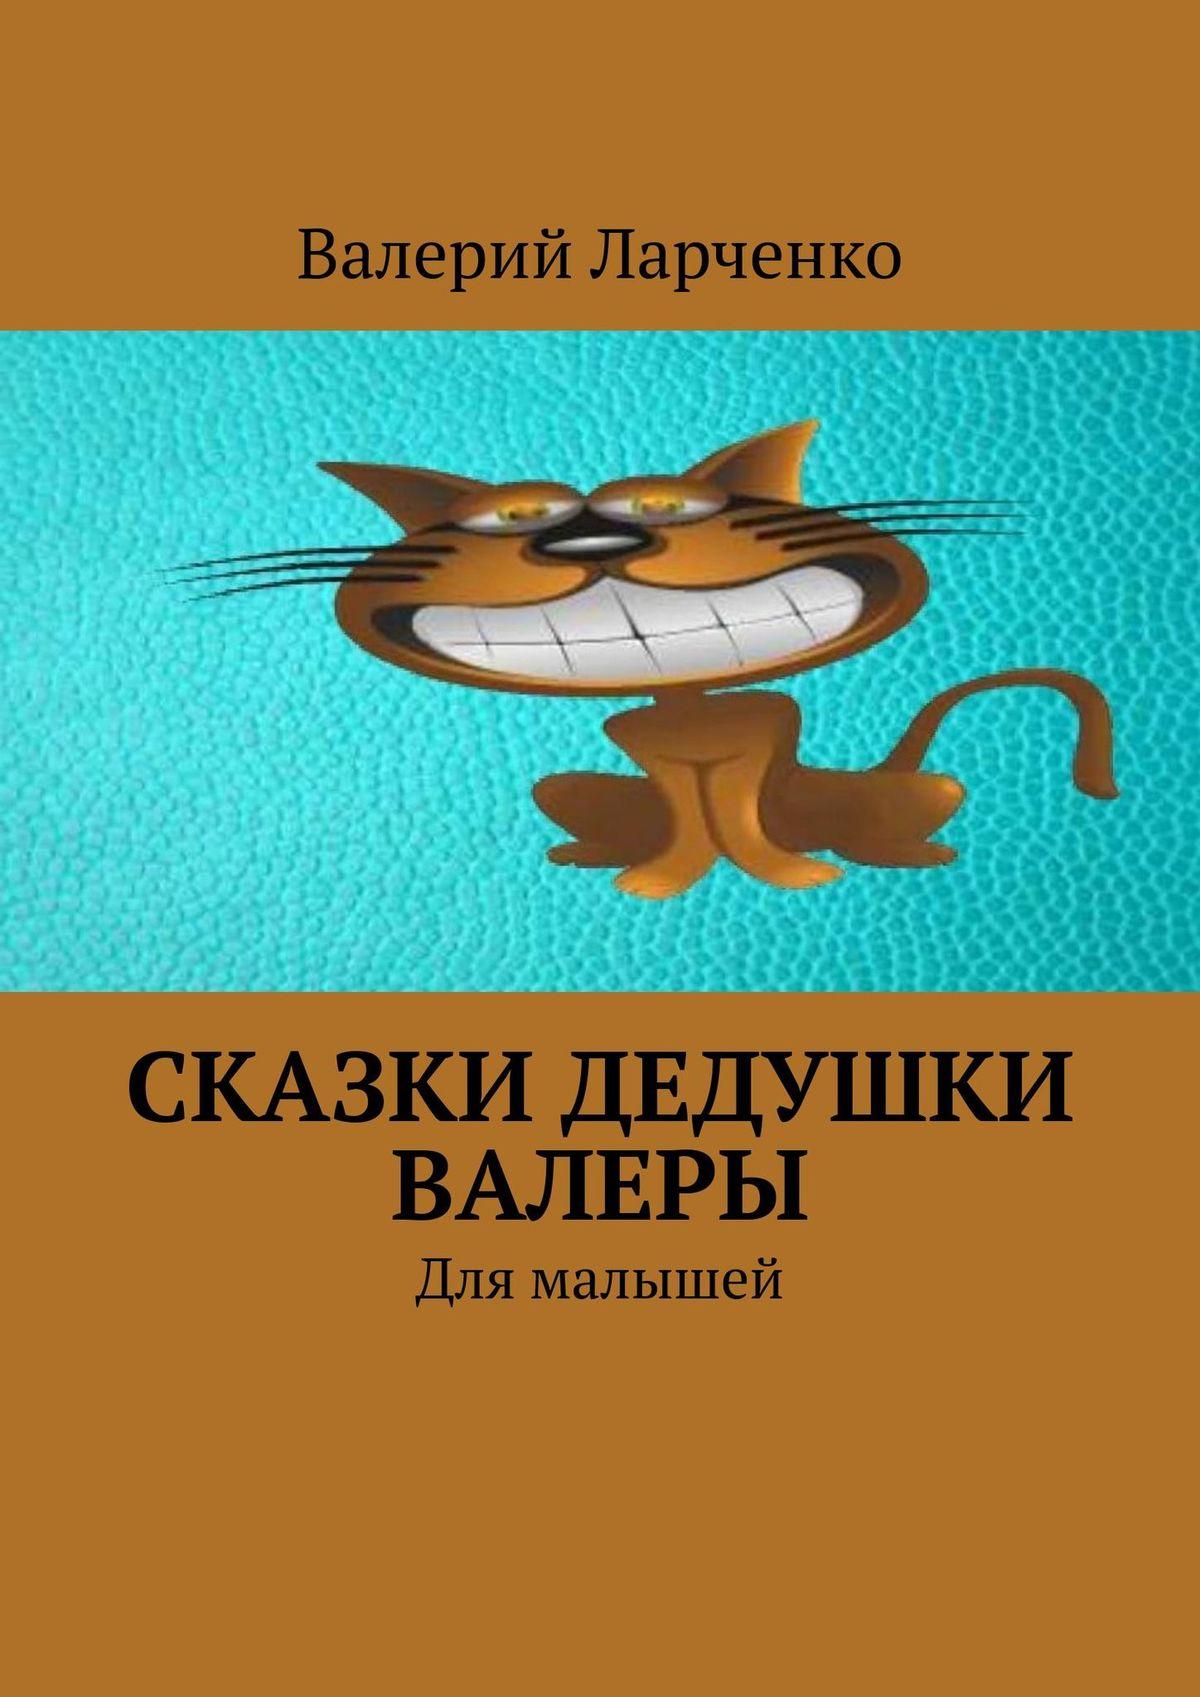 Валерий Ларченко Сказки дедушки Валеры. Для малышей валерий кастрючин сказки птички невелички